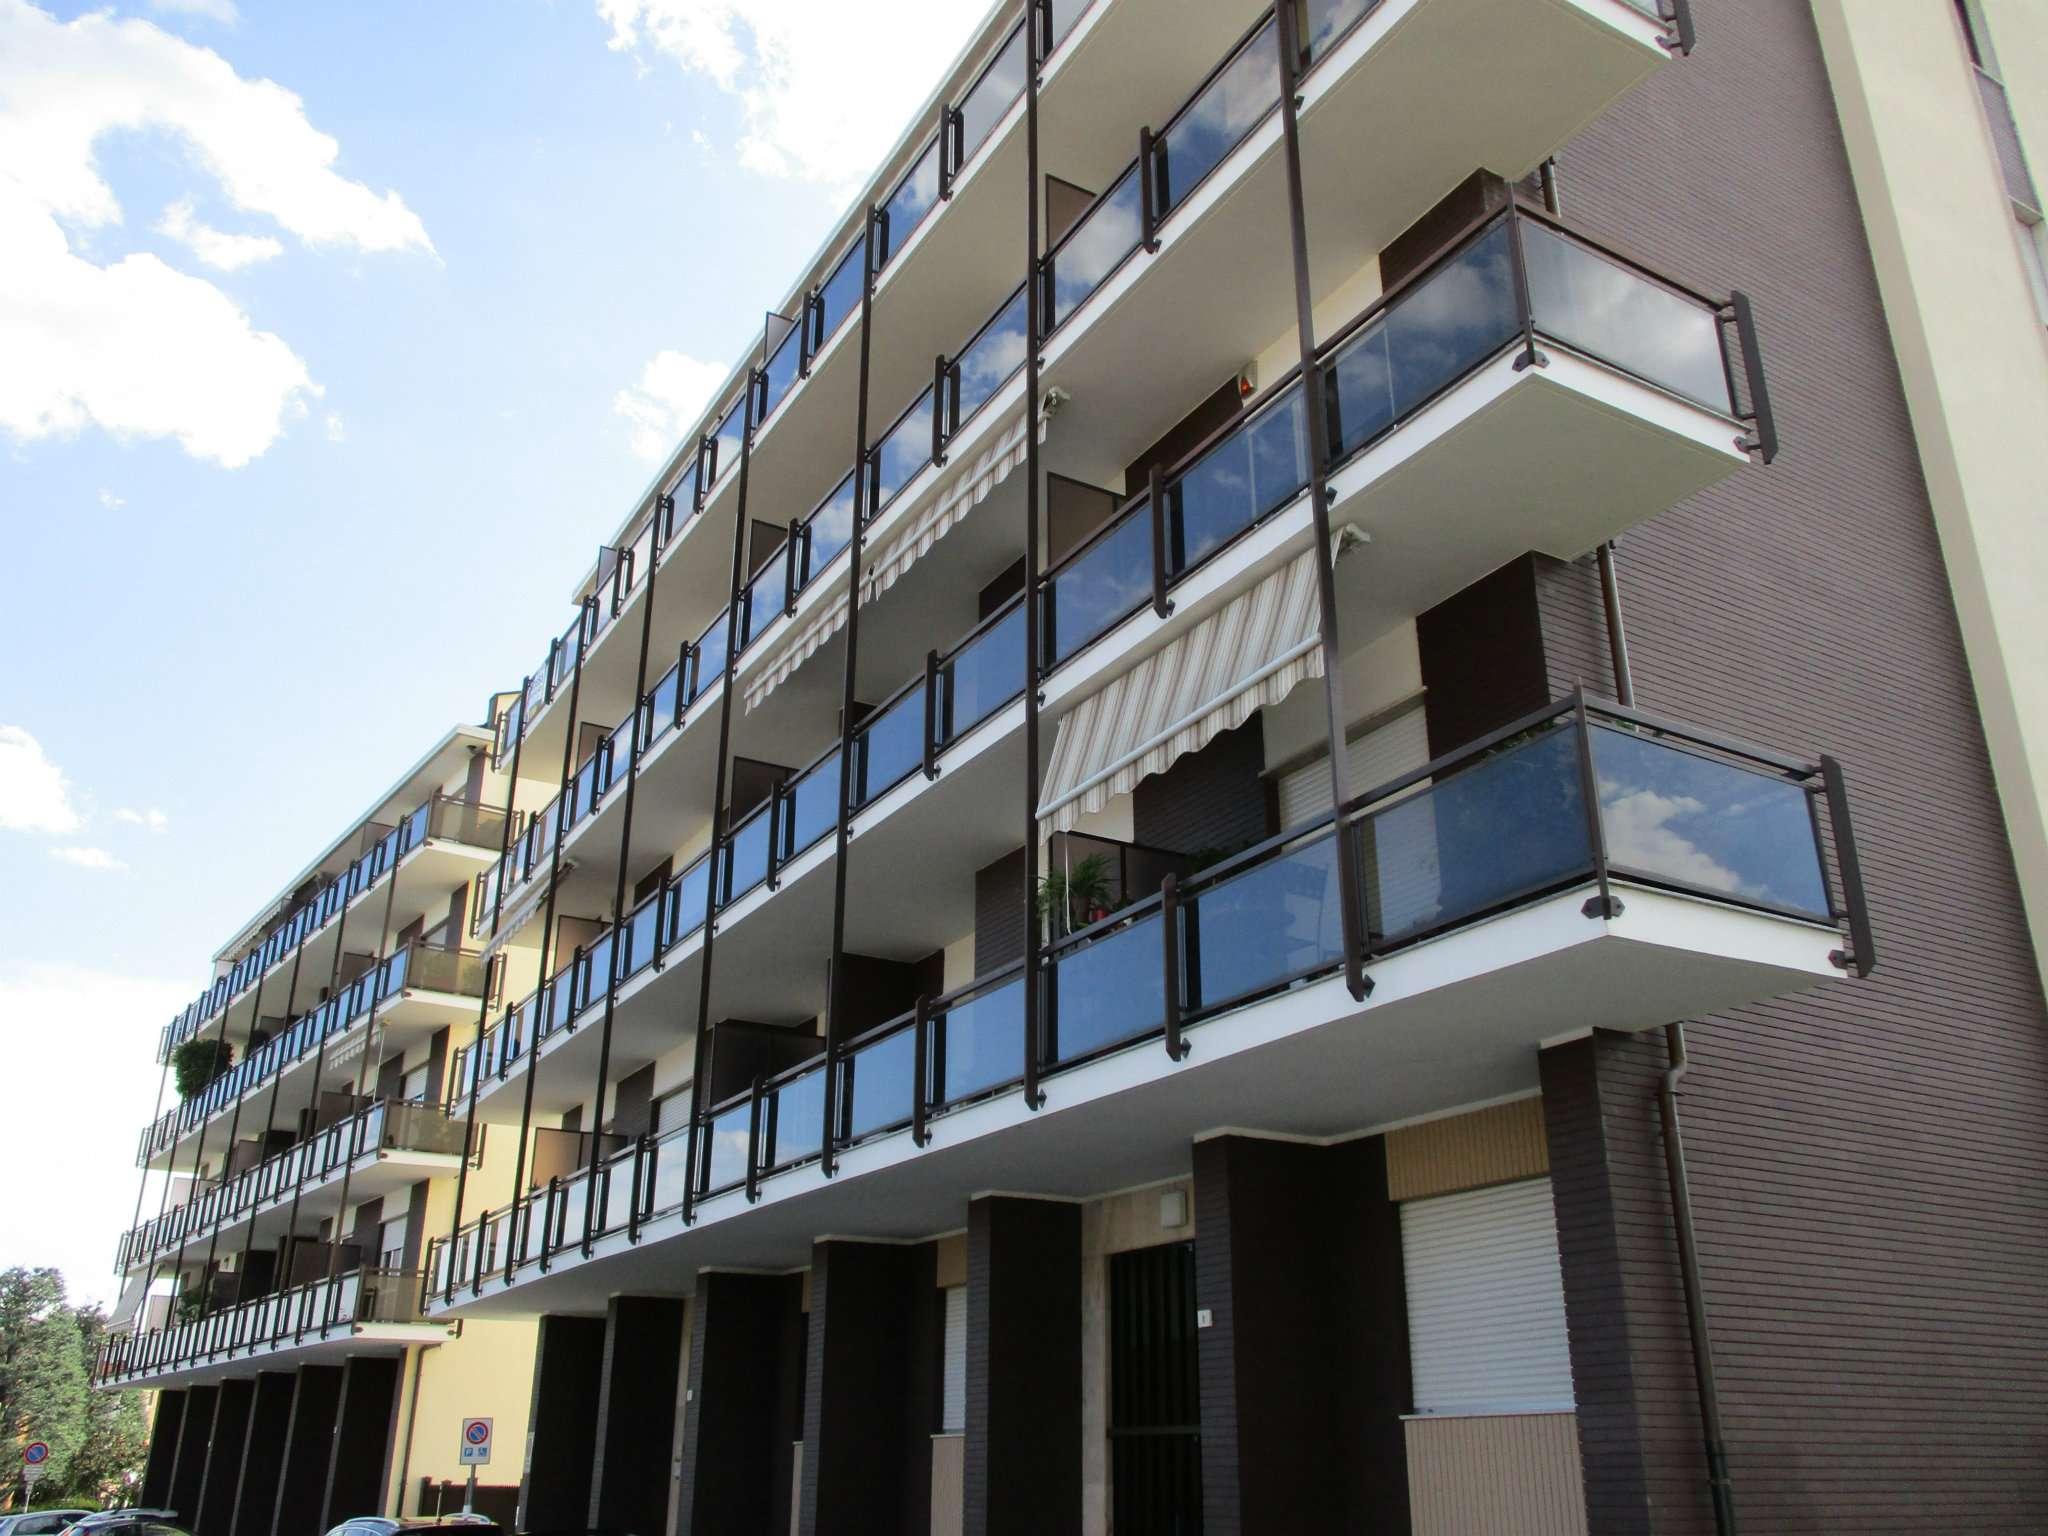 Appartamento in affitto a Trofarello, 2 locali, prezzo € 525 | CambioCasa.it